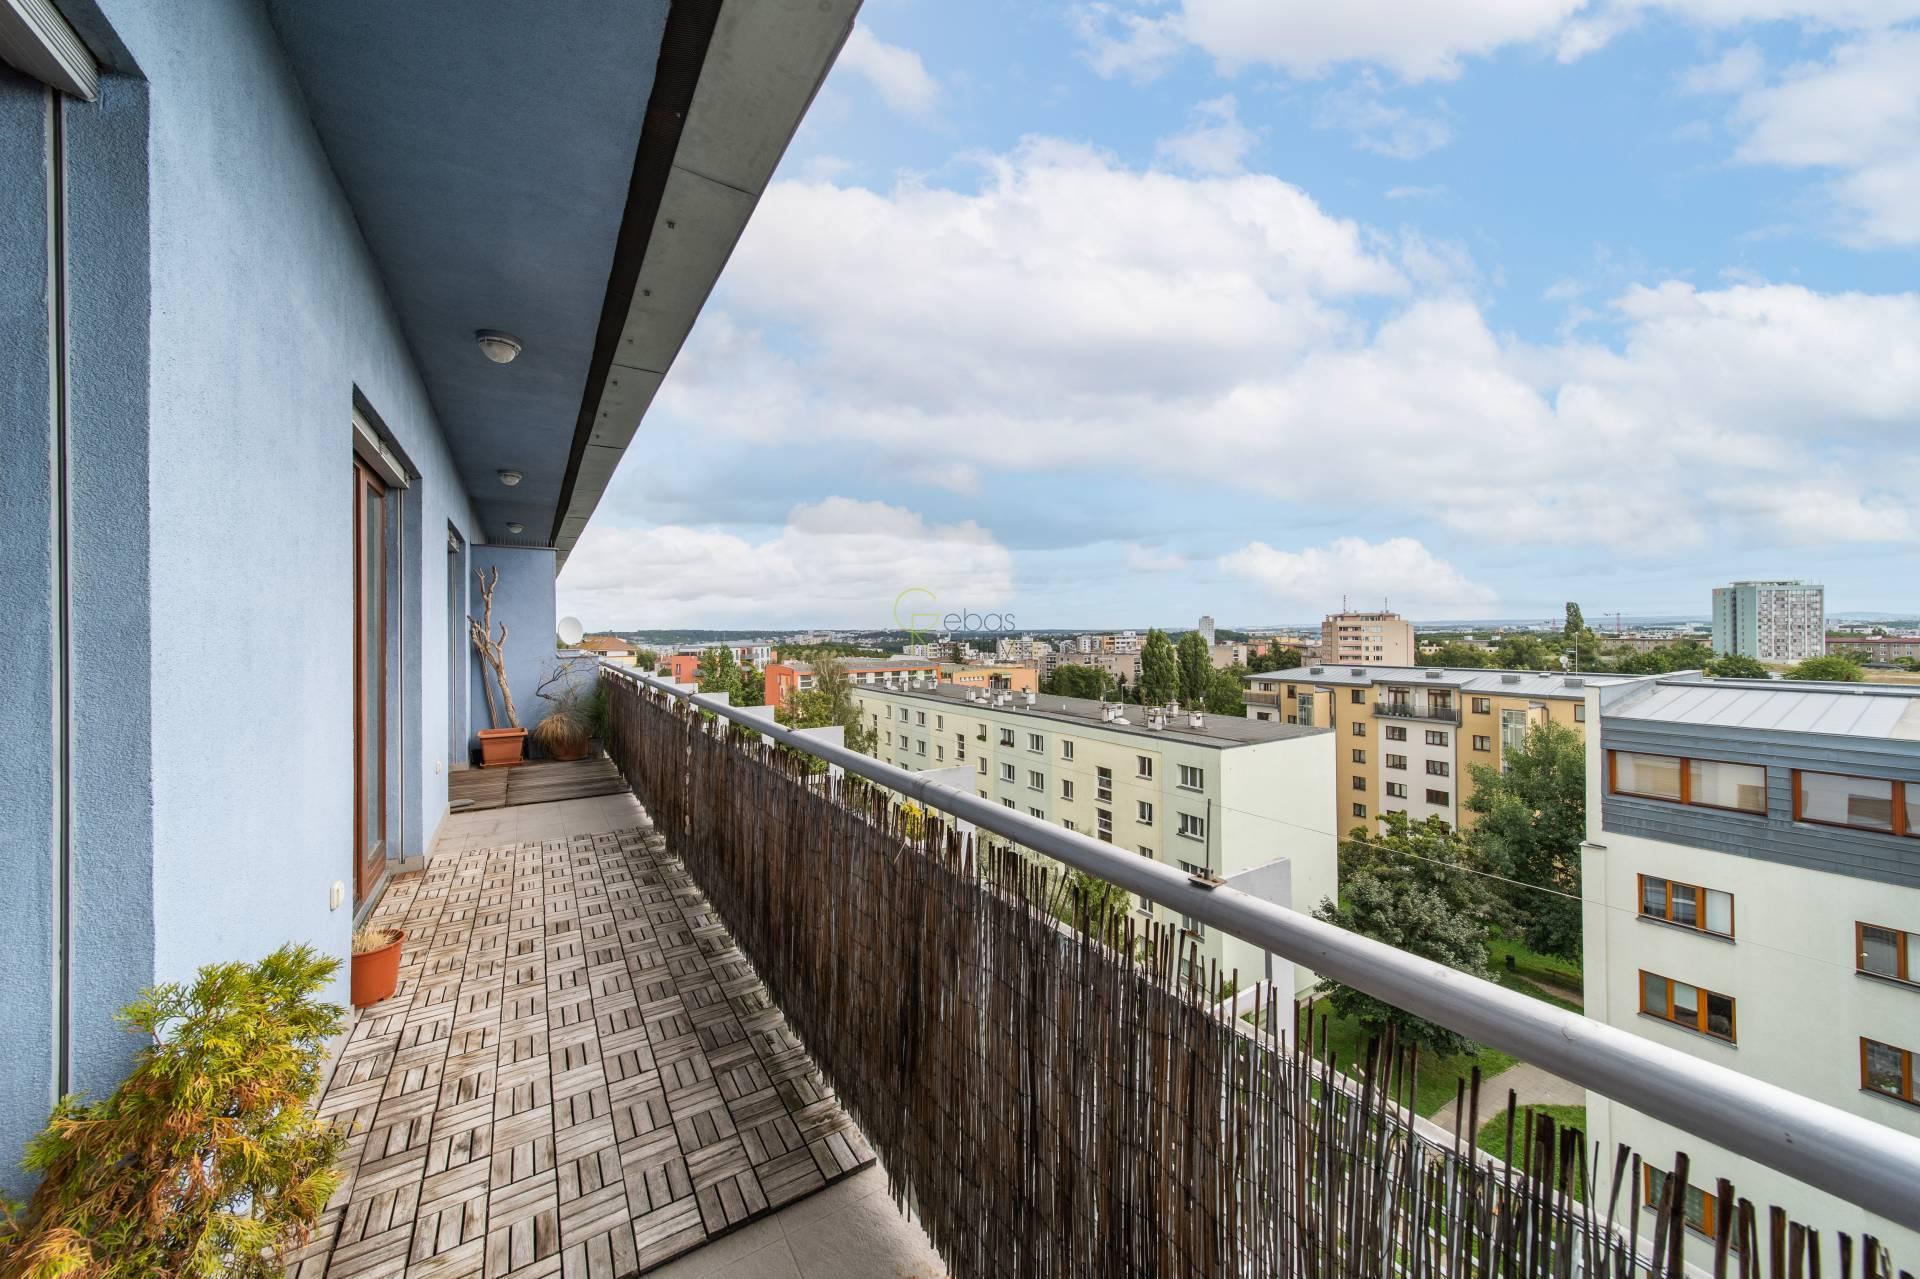 atraktivní 2+kk s terasou a výhledem - ul. K Lučinám, Praha3